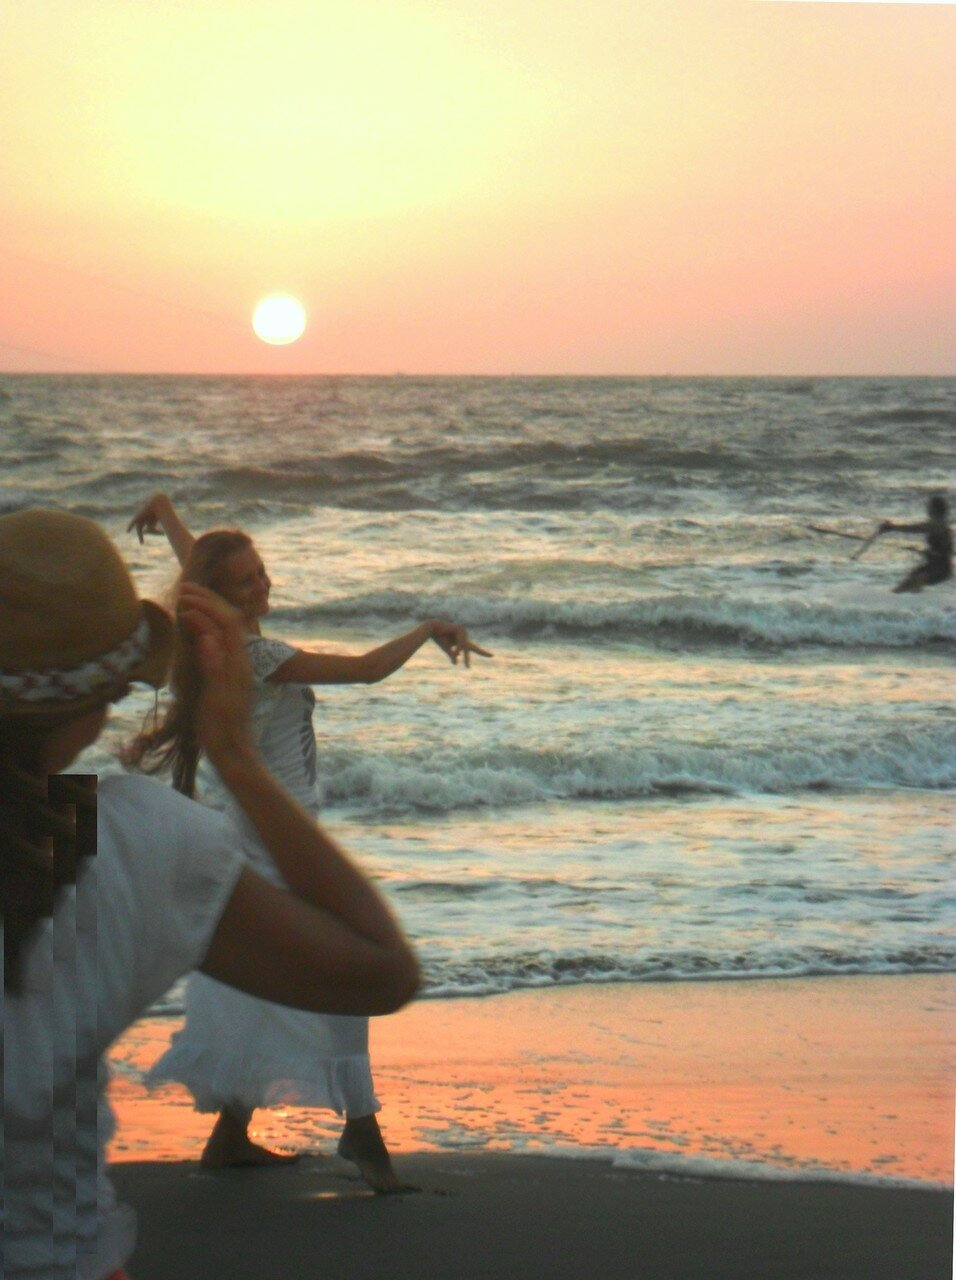 Индия, фотоальбом, фотографии В. Лана ... SAM_6993.JPG